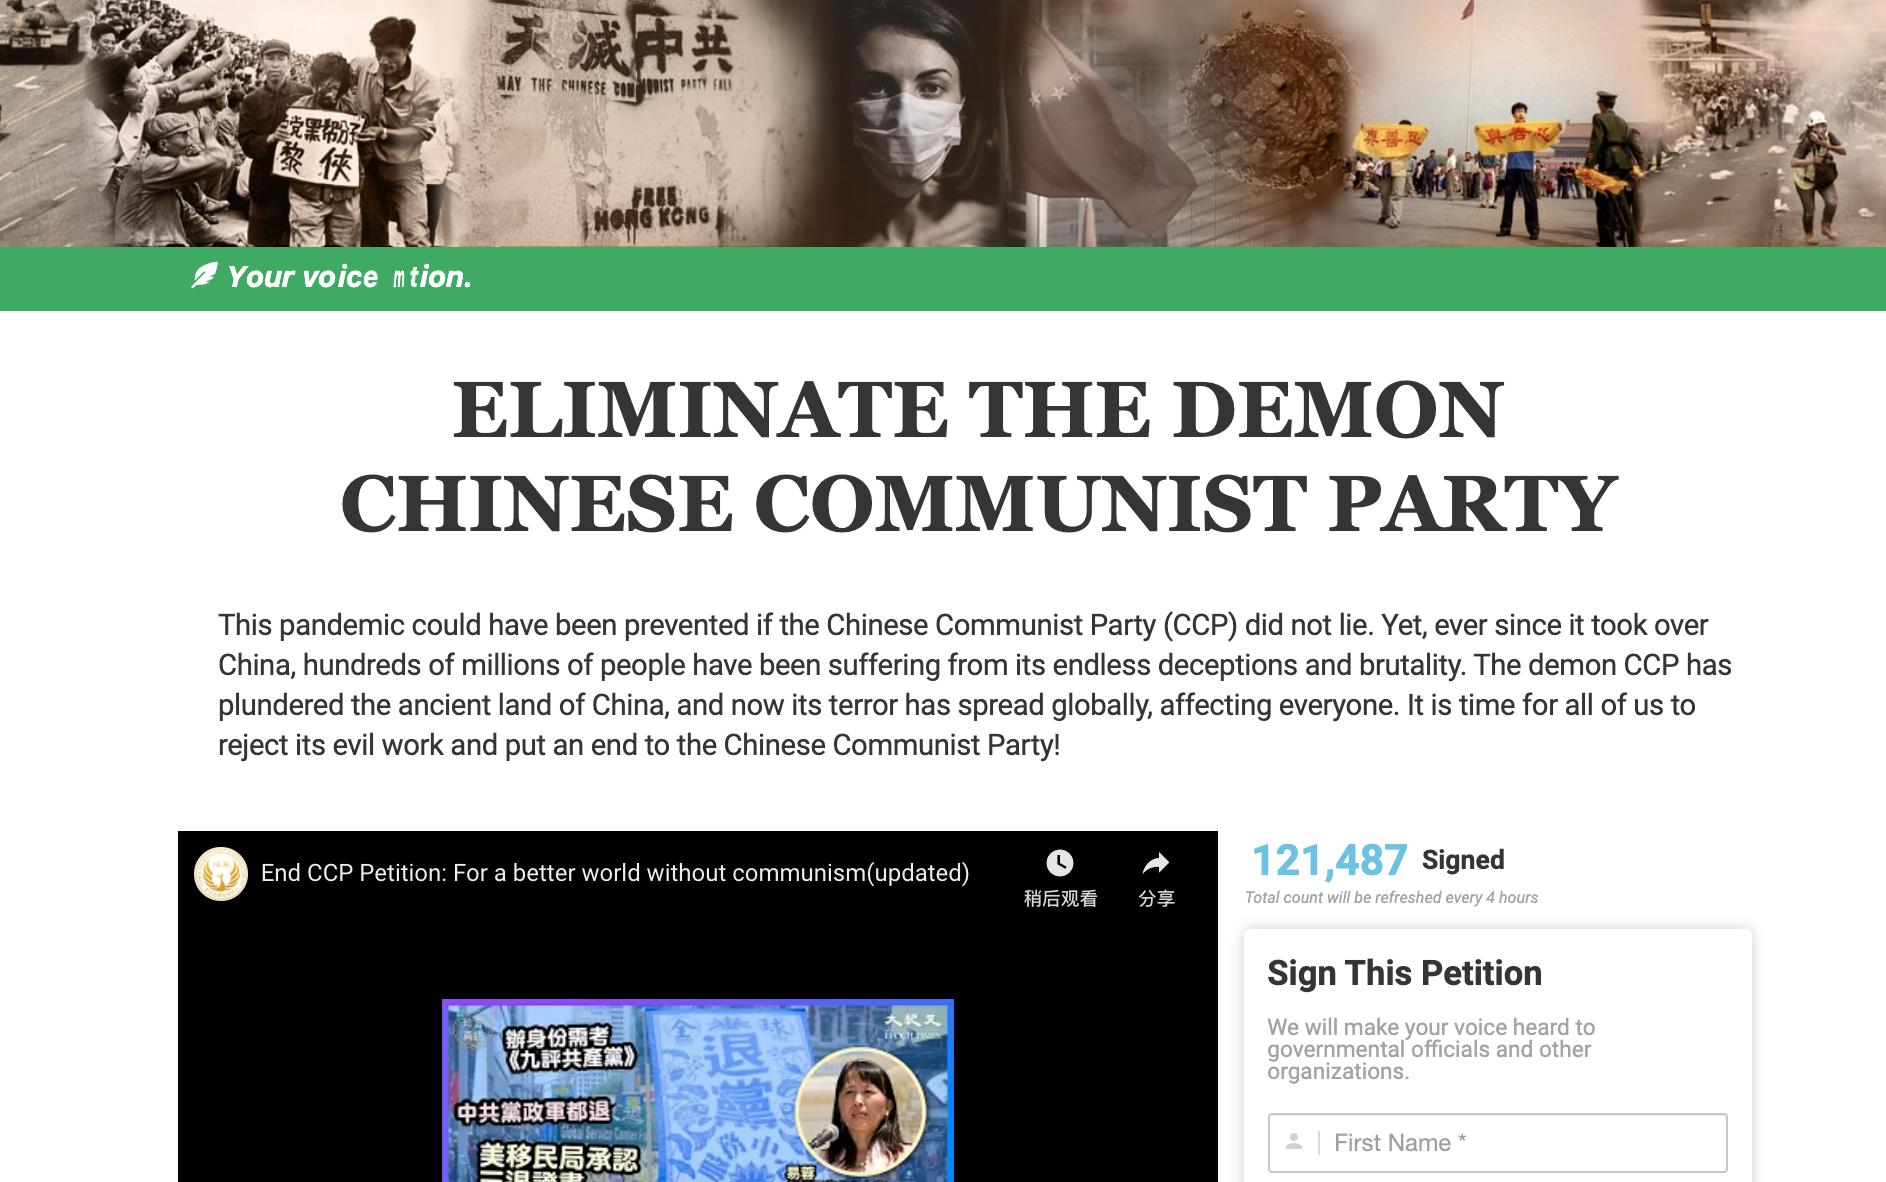 「打倒中共惡魔」全球徵簽 超12萬人聯署